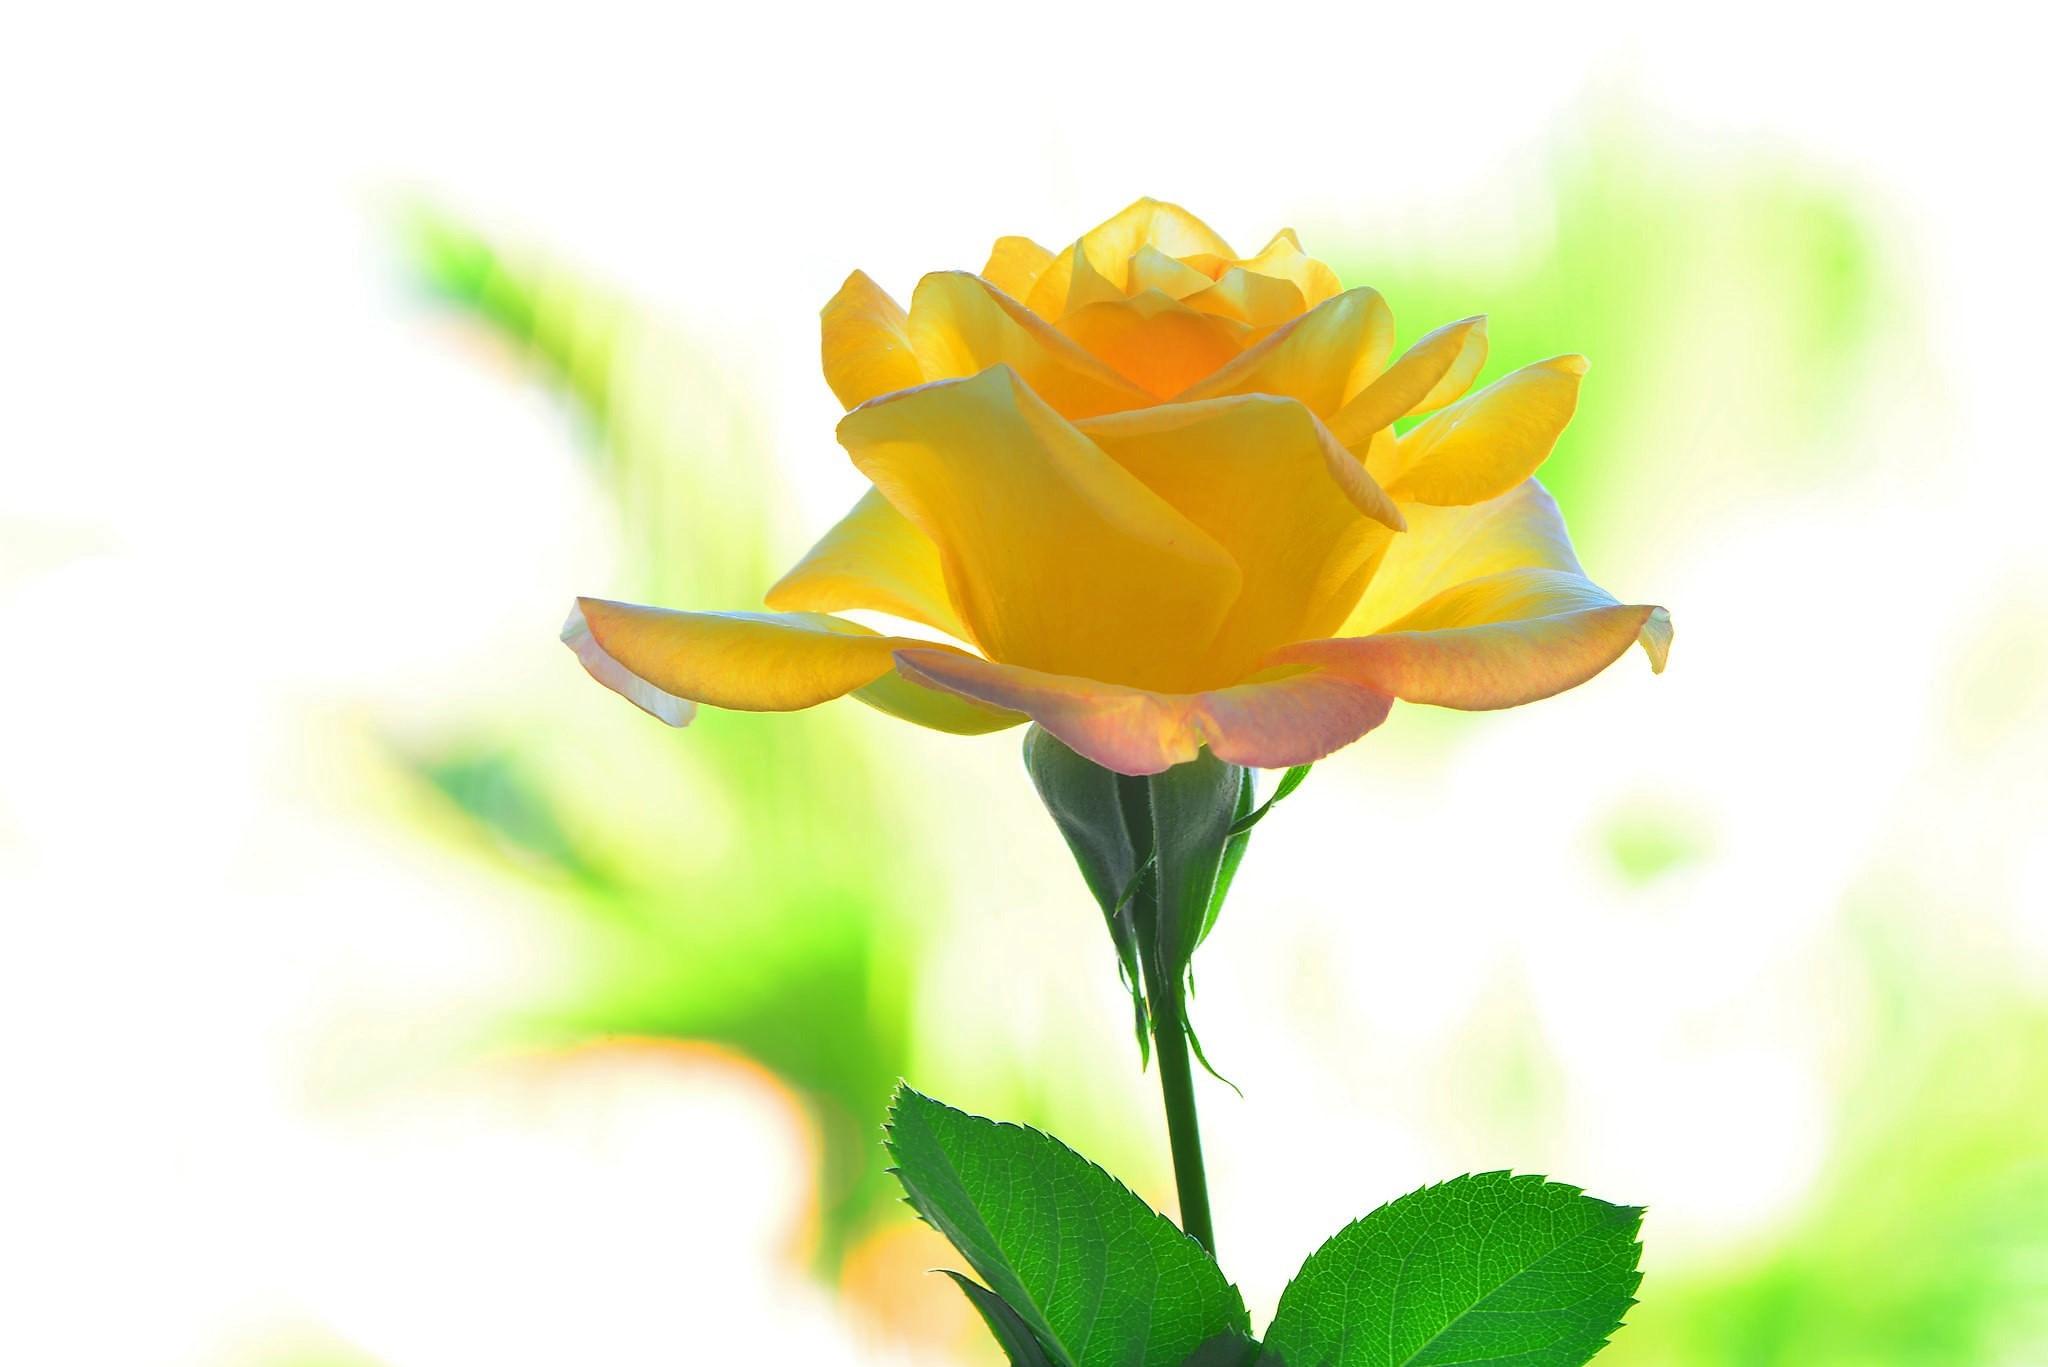 Yellow Flower Macro 2048x1367